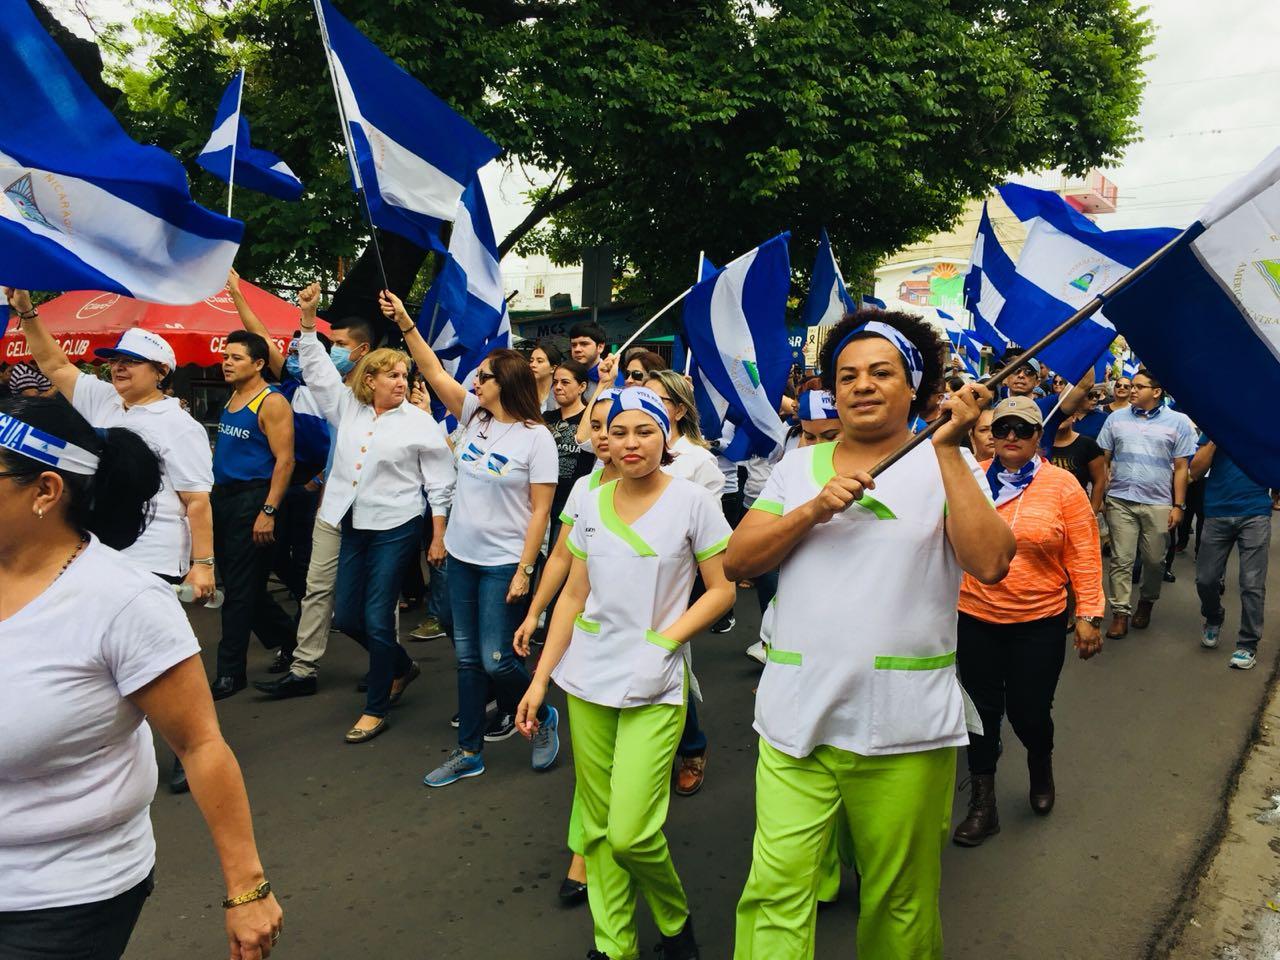 Estilista de Estelí denuncia amenazas tras partipar en marcha.